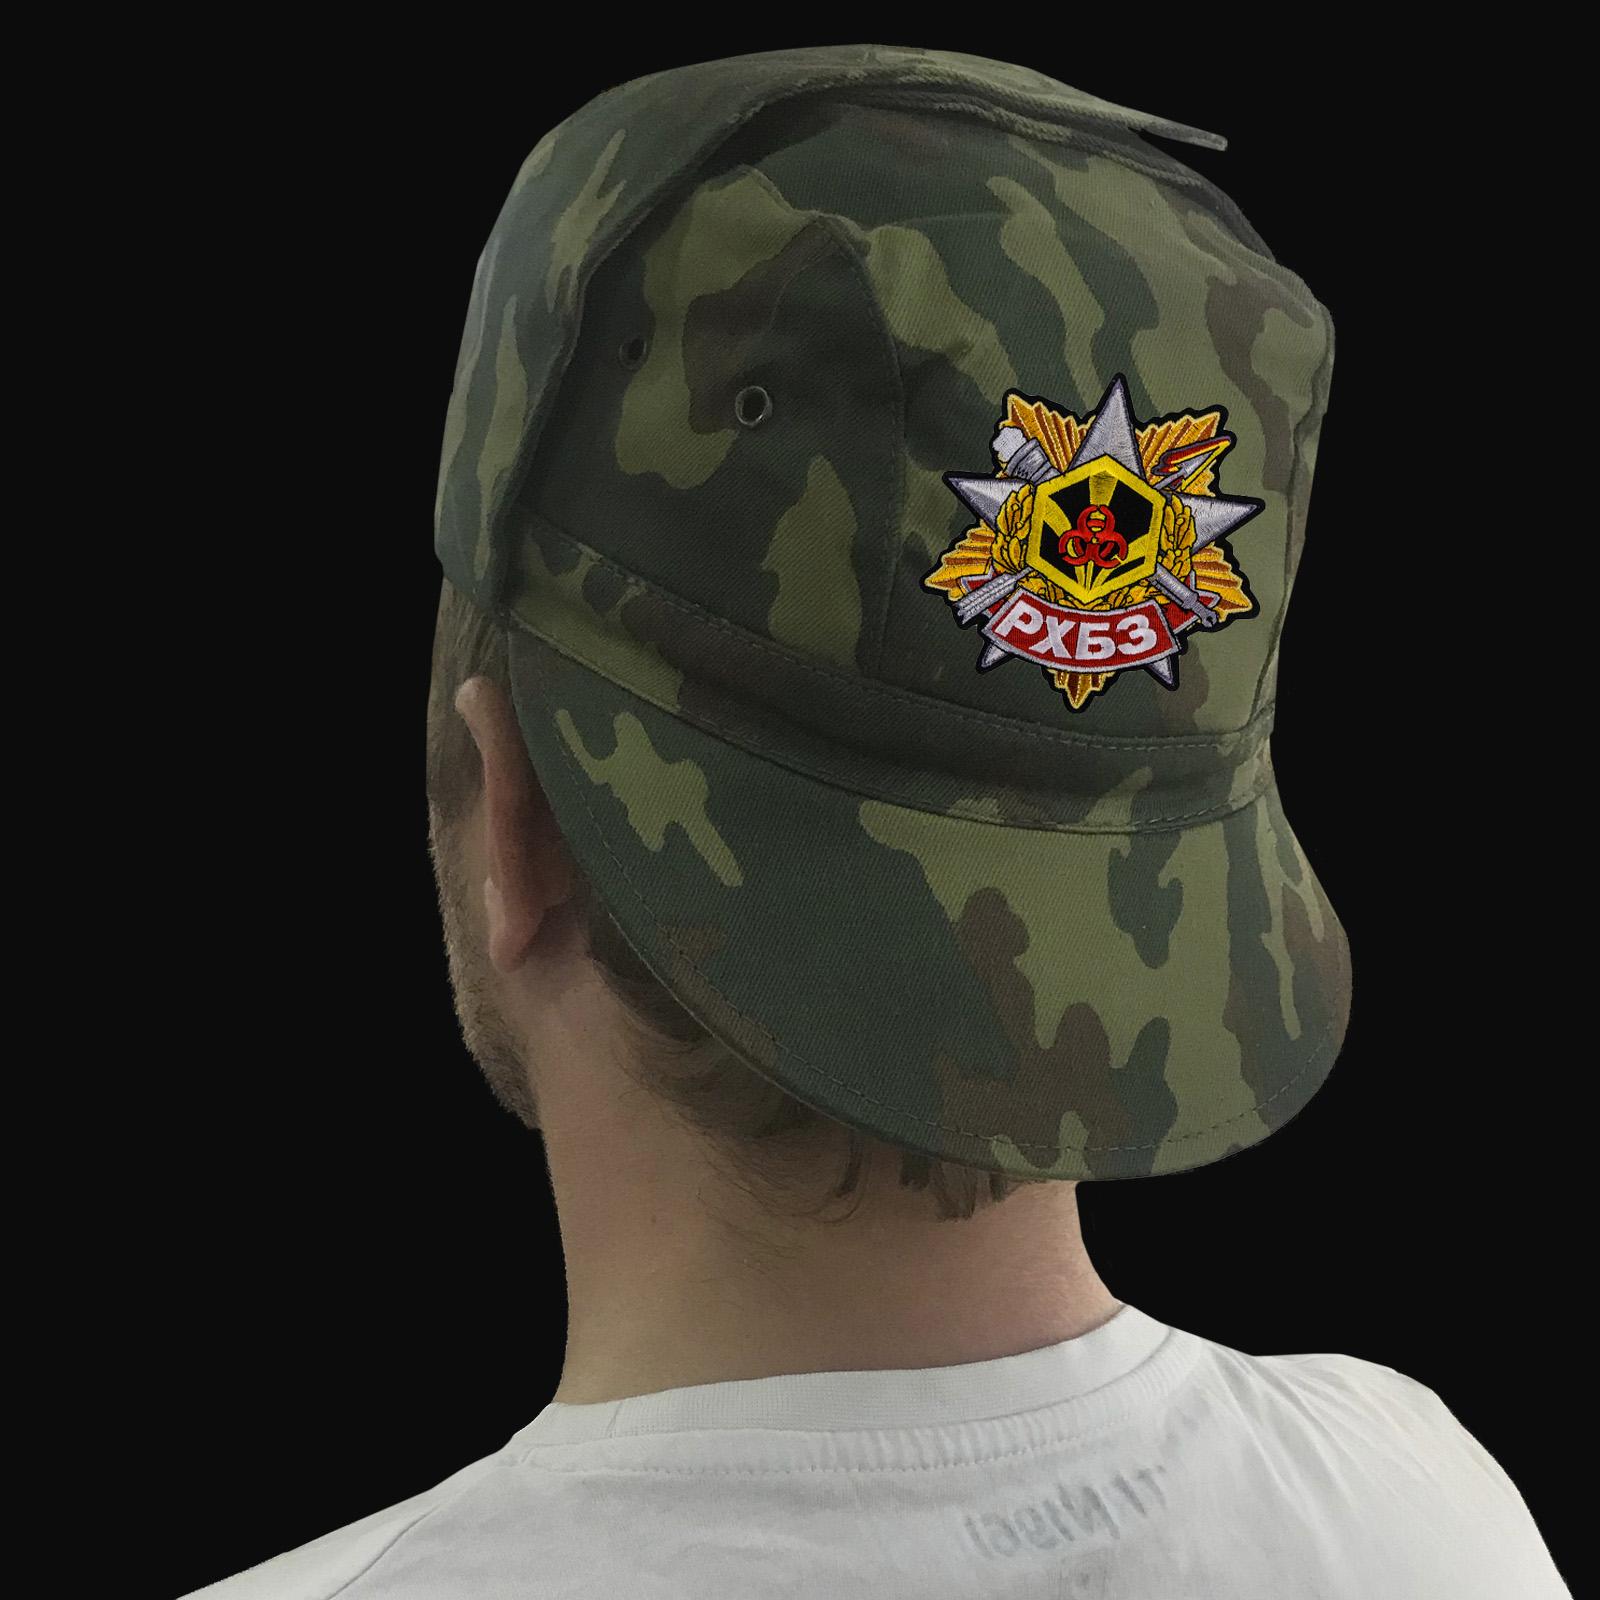 Купить в интернет магазине кепку с символикой Войск радиационной, химической и биологической защиты